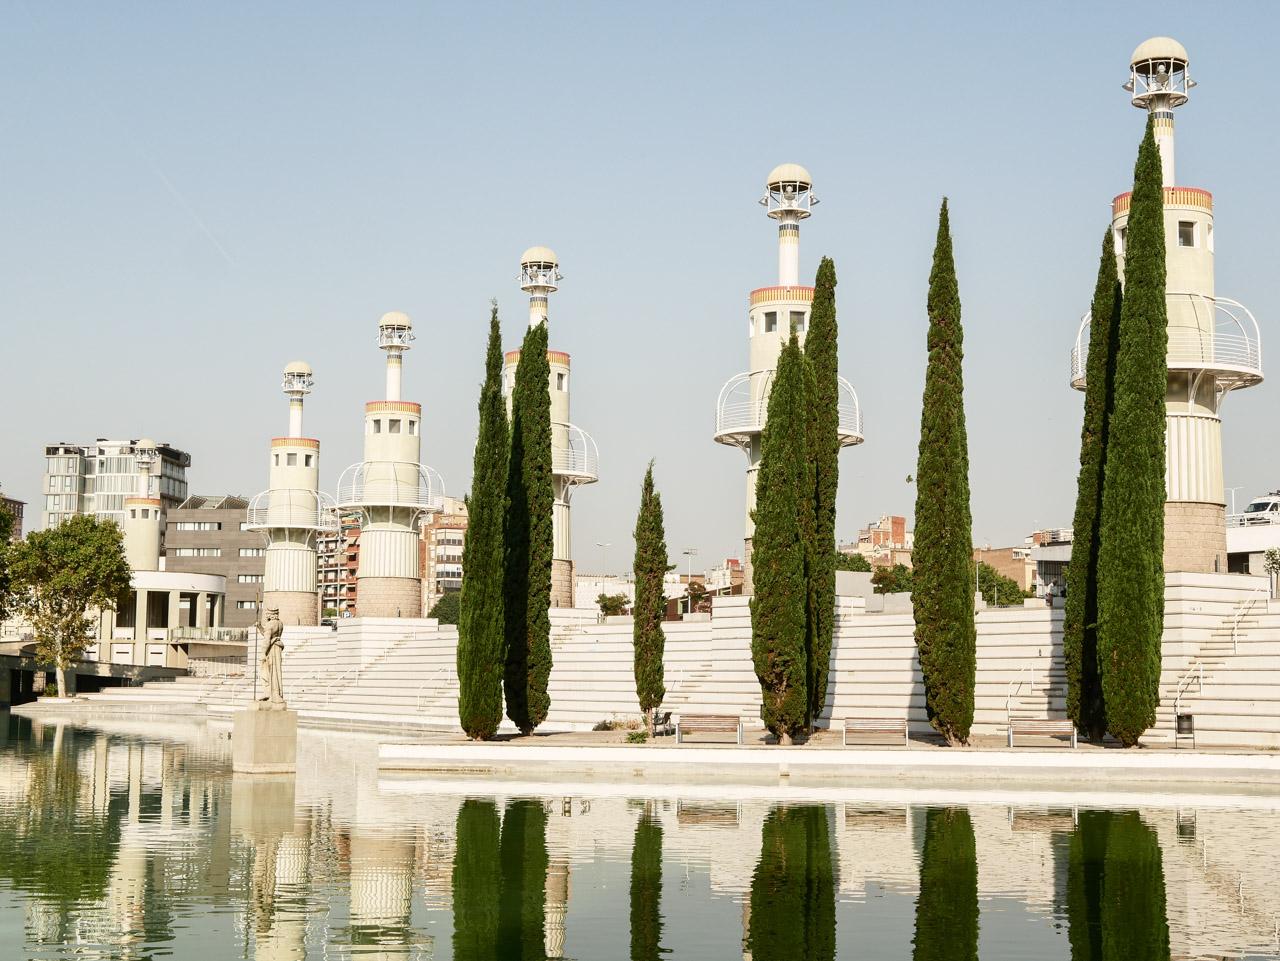 Visiter le parc de l'Espanya Industrial à Barcelone Sants